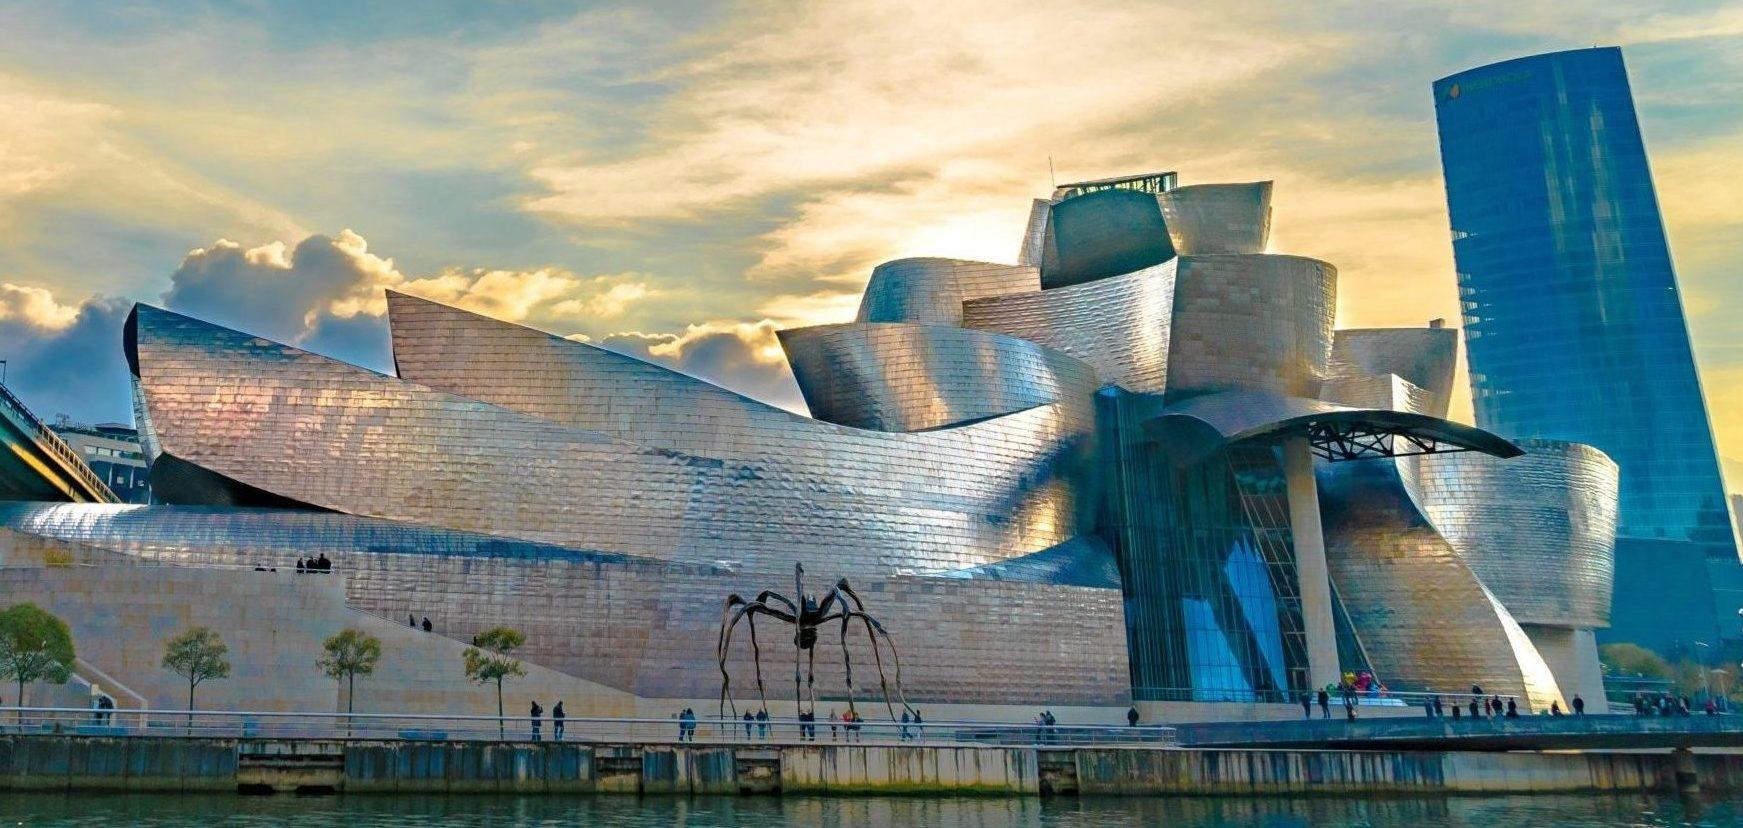 """Ви побачите унікальний архітектурний пам'ятник - музей сучасного мистецтва Гугенхайма, який до цієї подорожі ви могли бачити тільки у фільмі про Джеймса Бонда """"І цілого світу мало"""""""